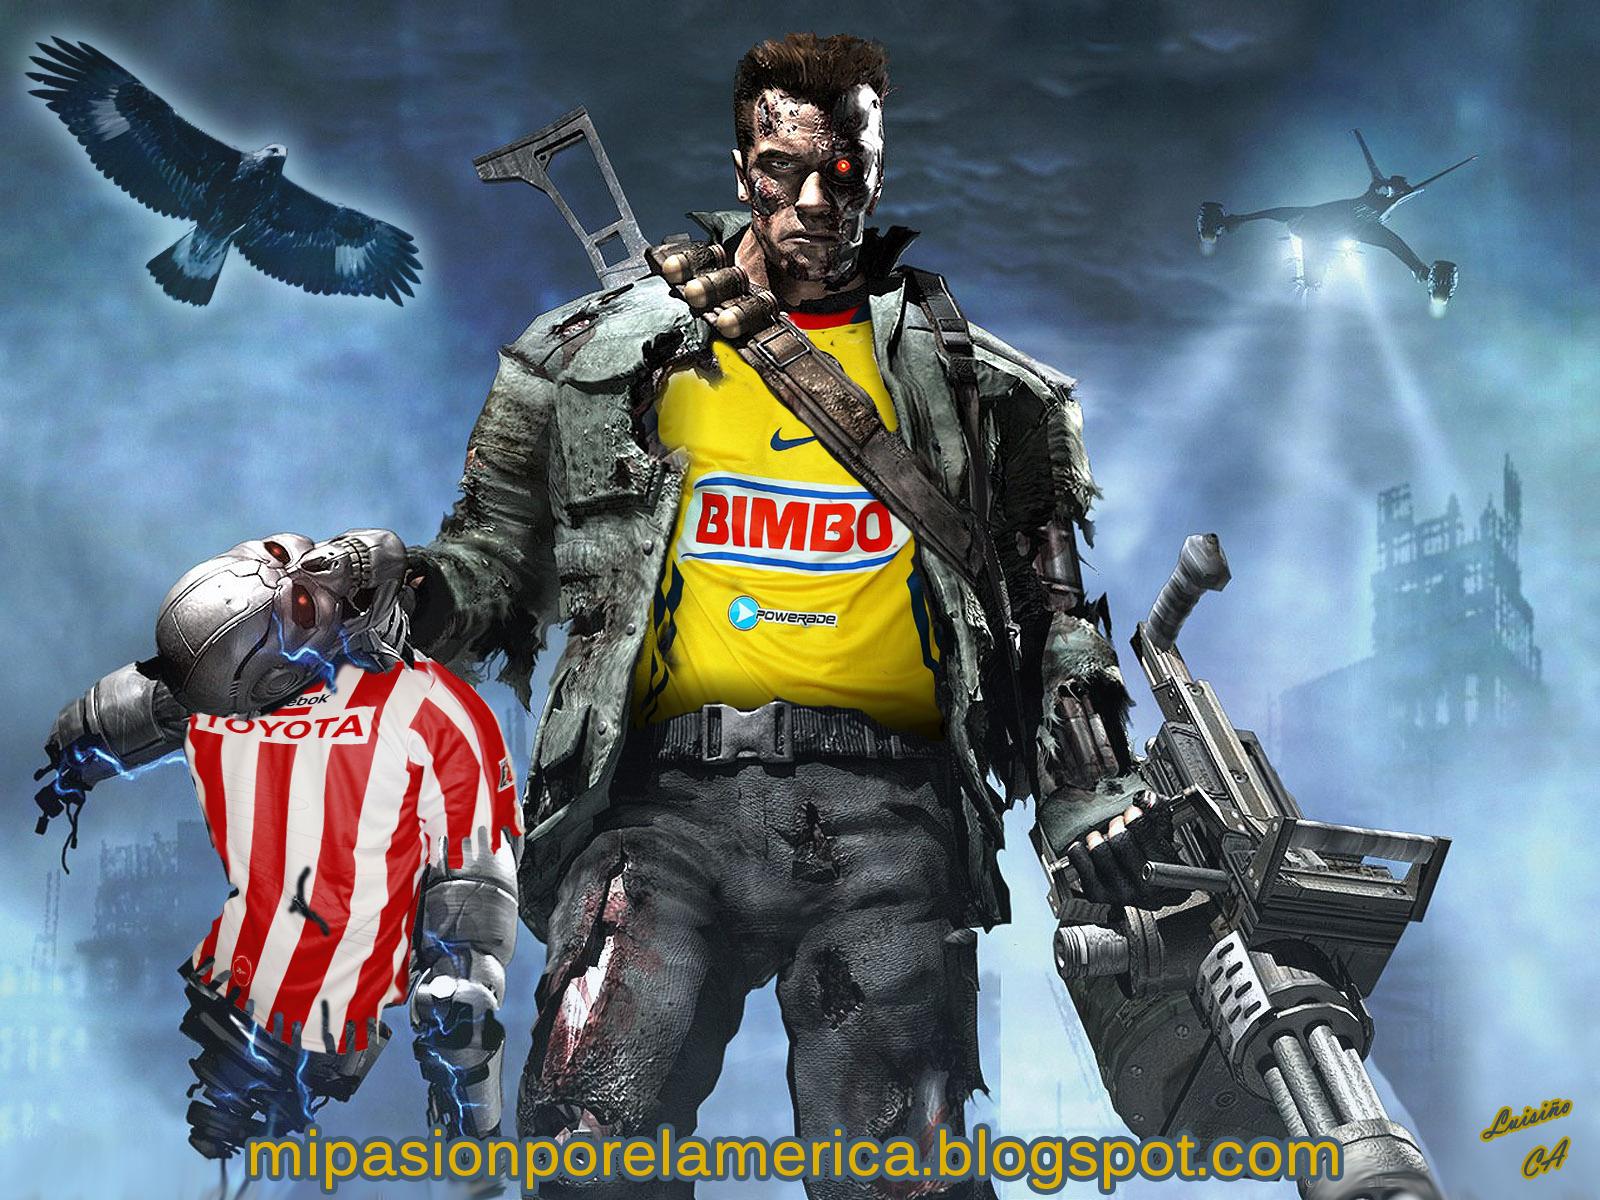 Chivo Dibujo Animado: Mi Pasion Por El America: Enero 2012